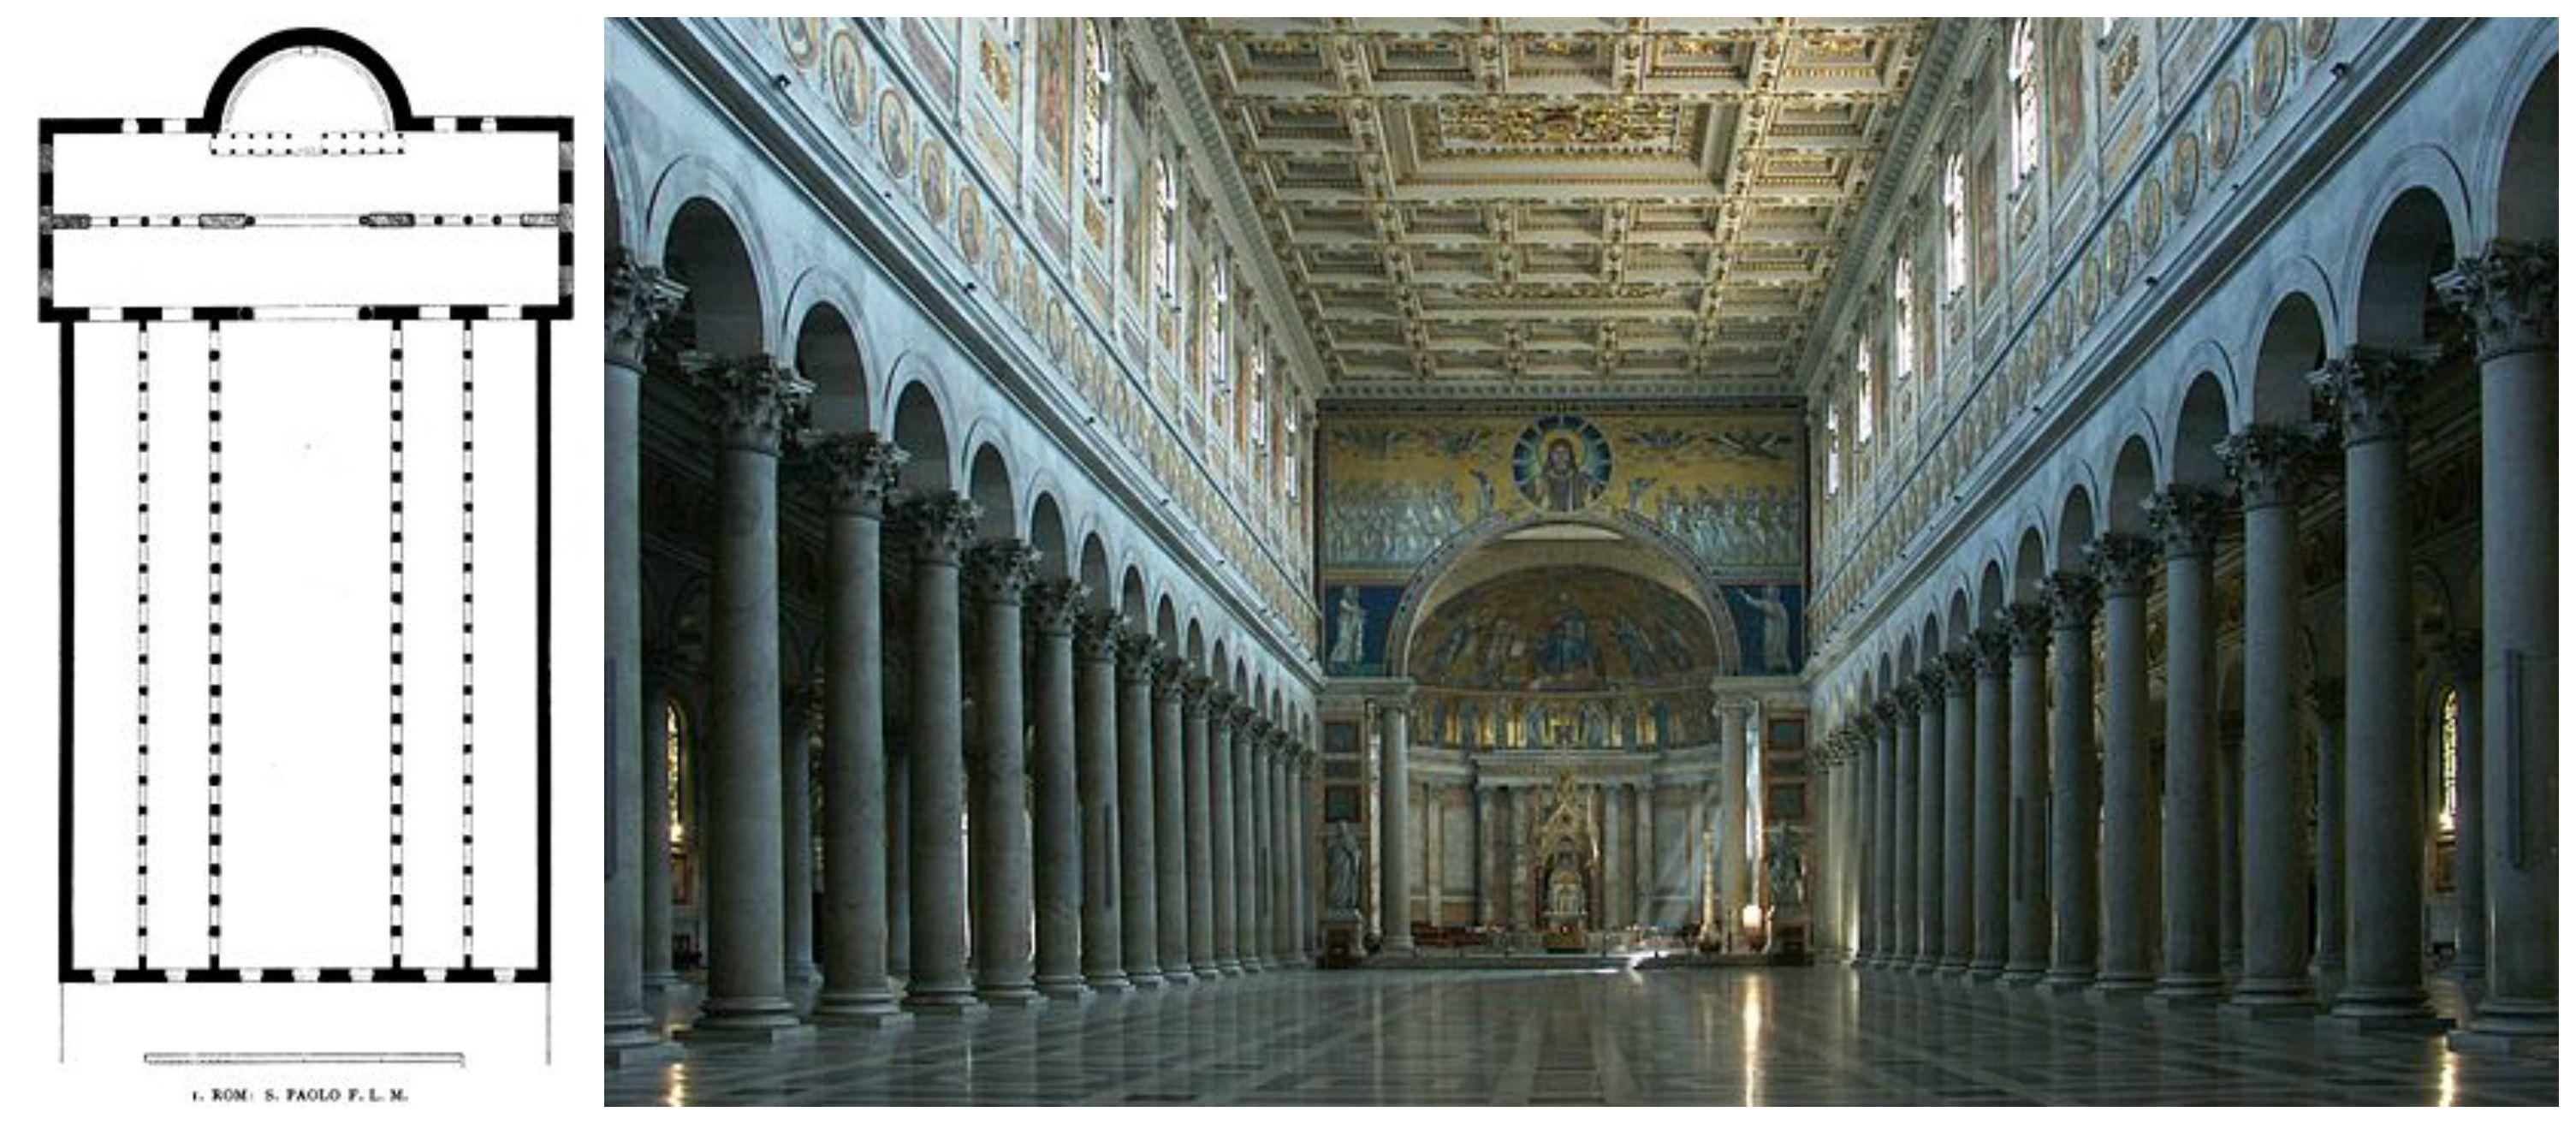 Pianta E Interno Della Basilica Di San Paolo Fuori Le Mura é La Seconda Chiesa Papale Piú Grande Dopo San Pietro Fu Edifi Rinascimento Italiano Chiesa Luoghi